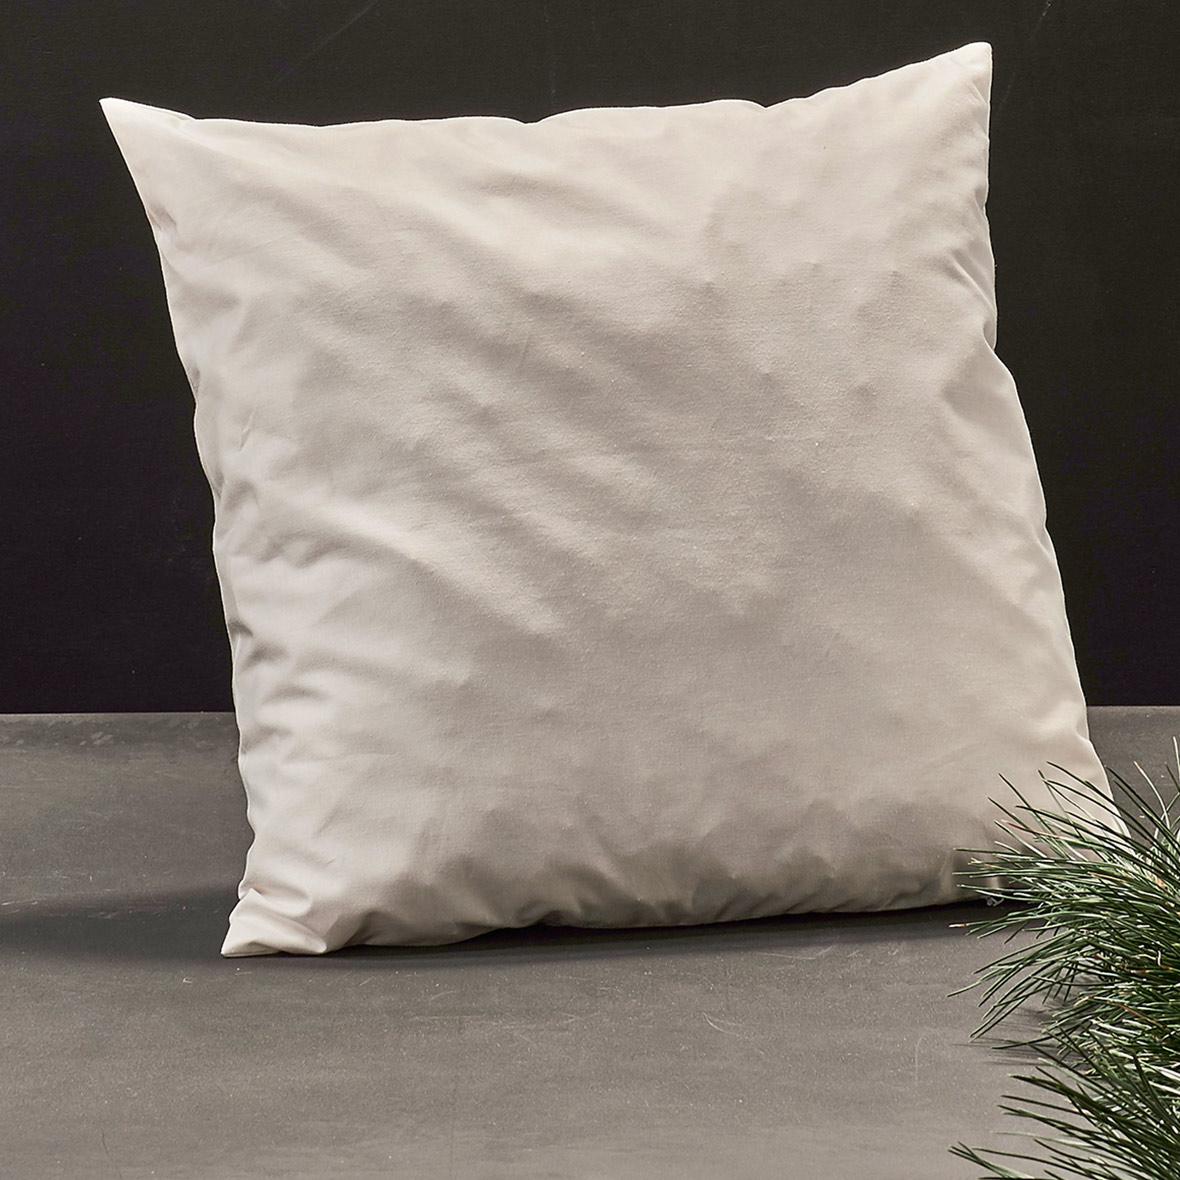 Arven-Hirse-Sofa- und Zierkissen